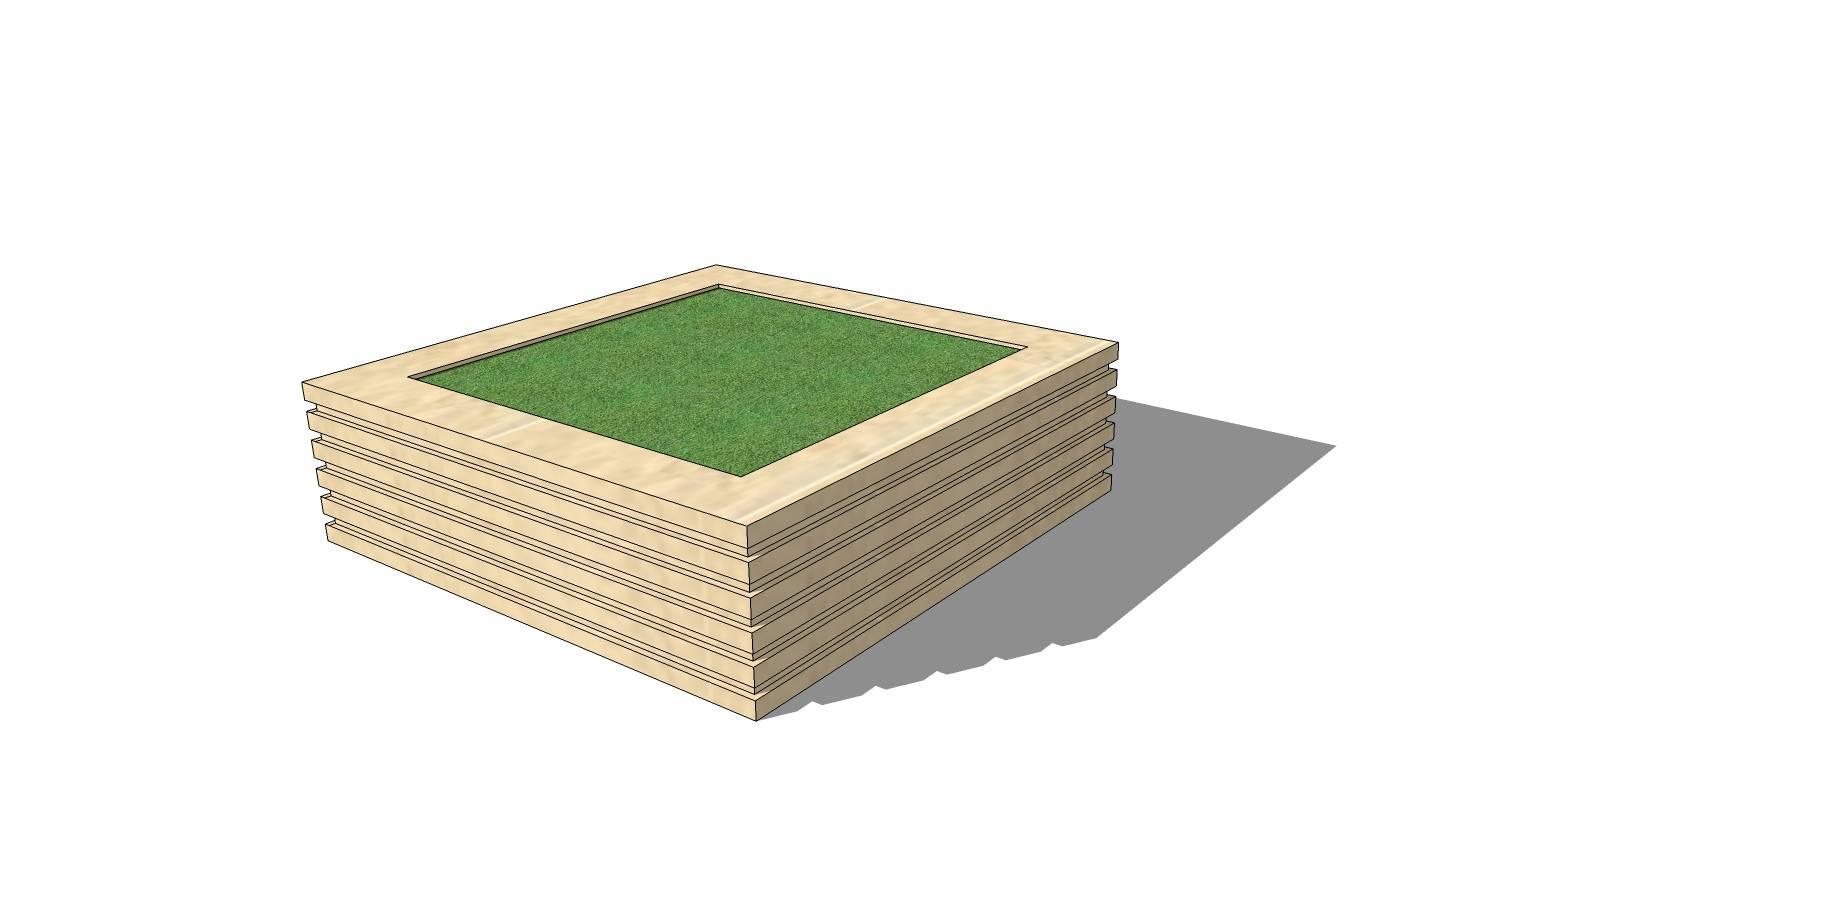 石质矩形线条种植池座椅SU模型